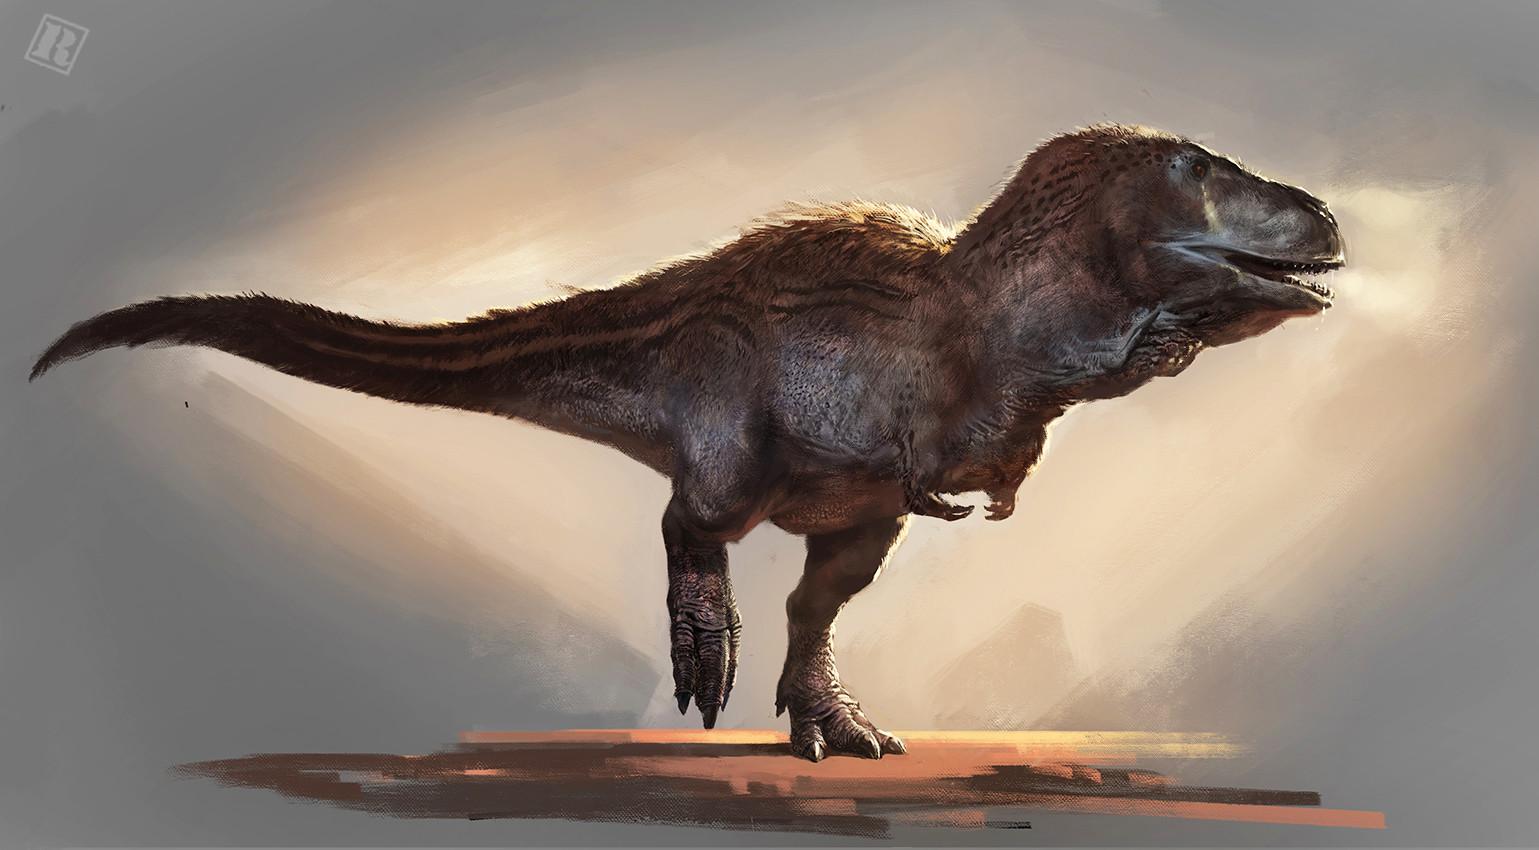 Tarbosaurus / Tyrannosaurus bataar